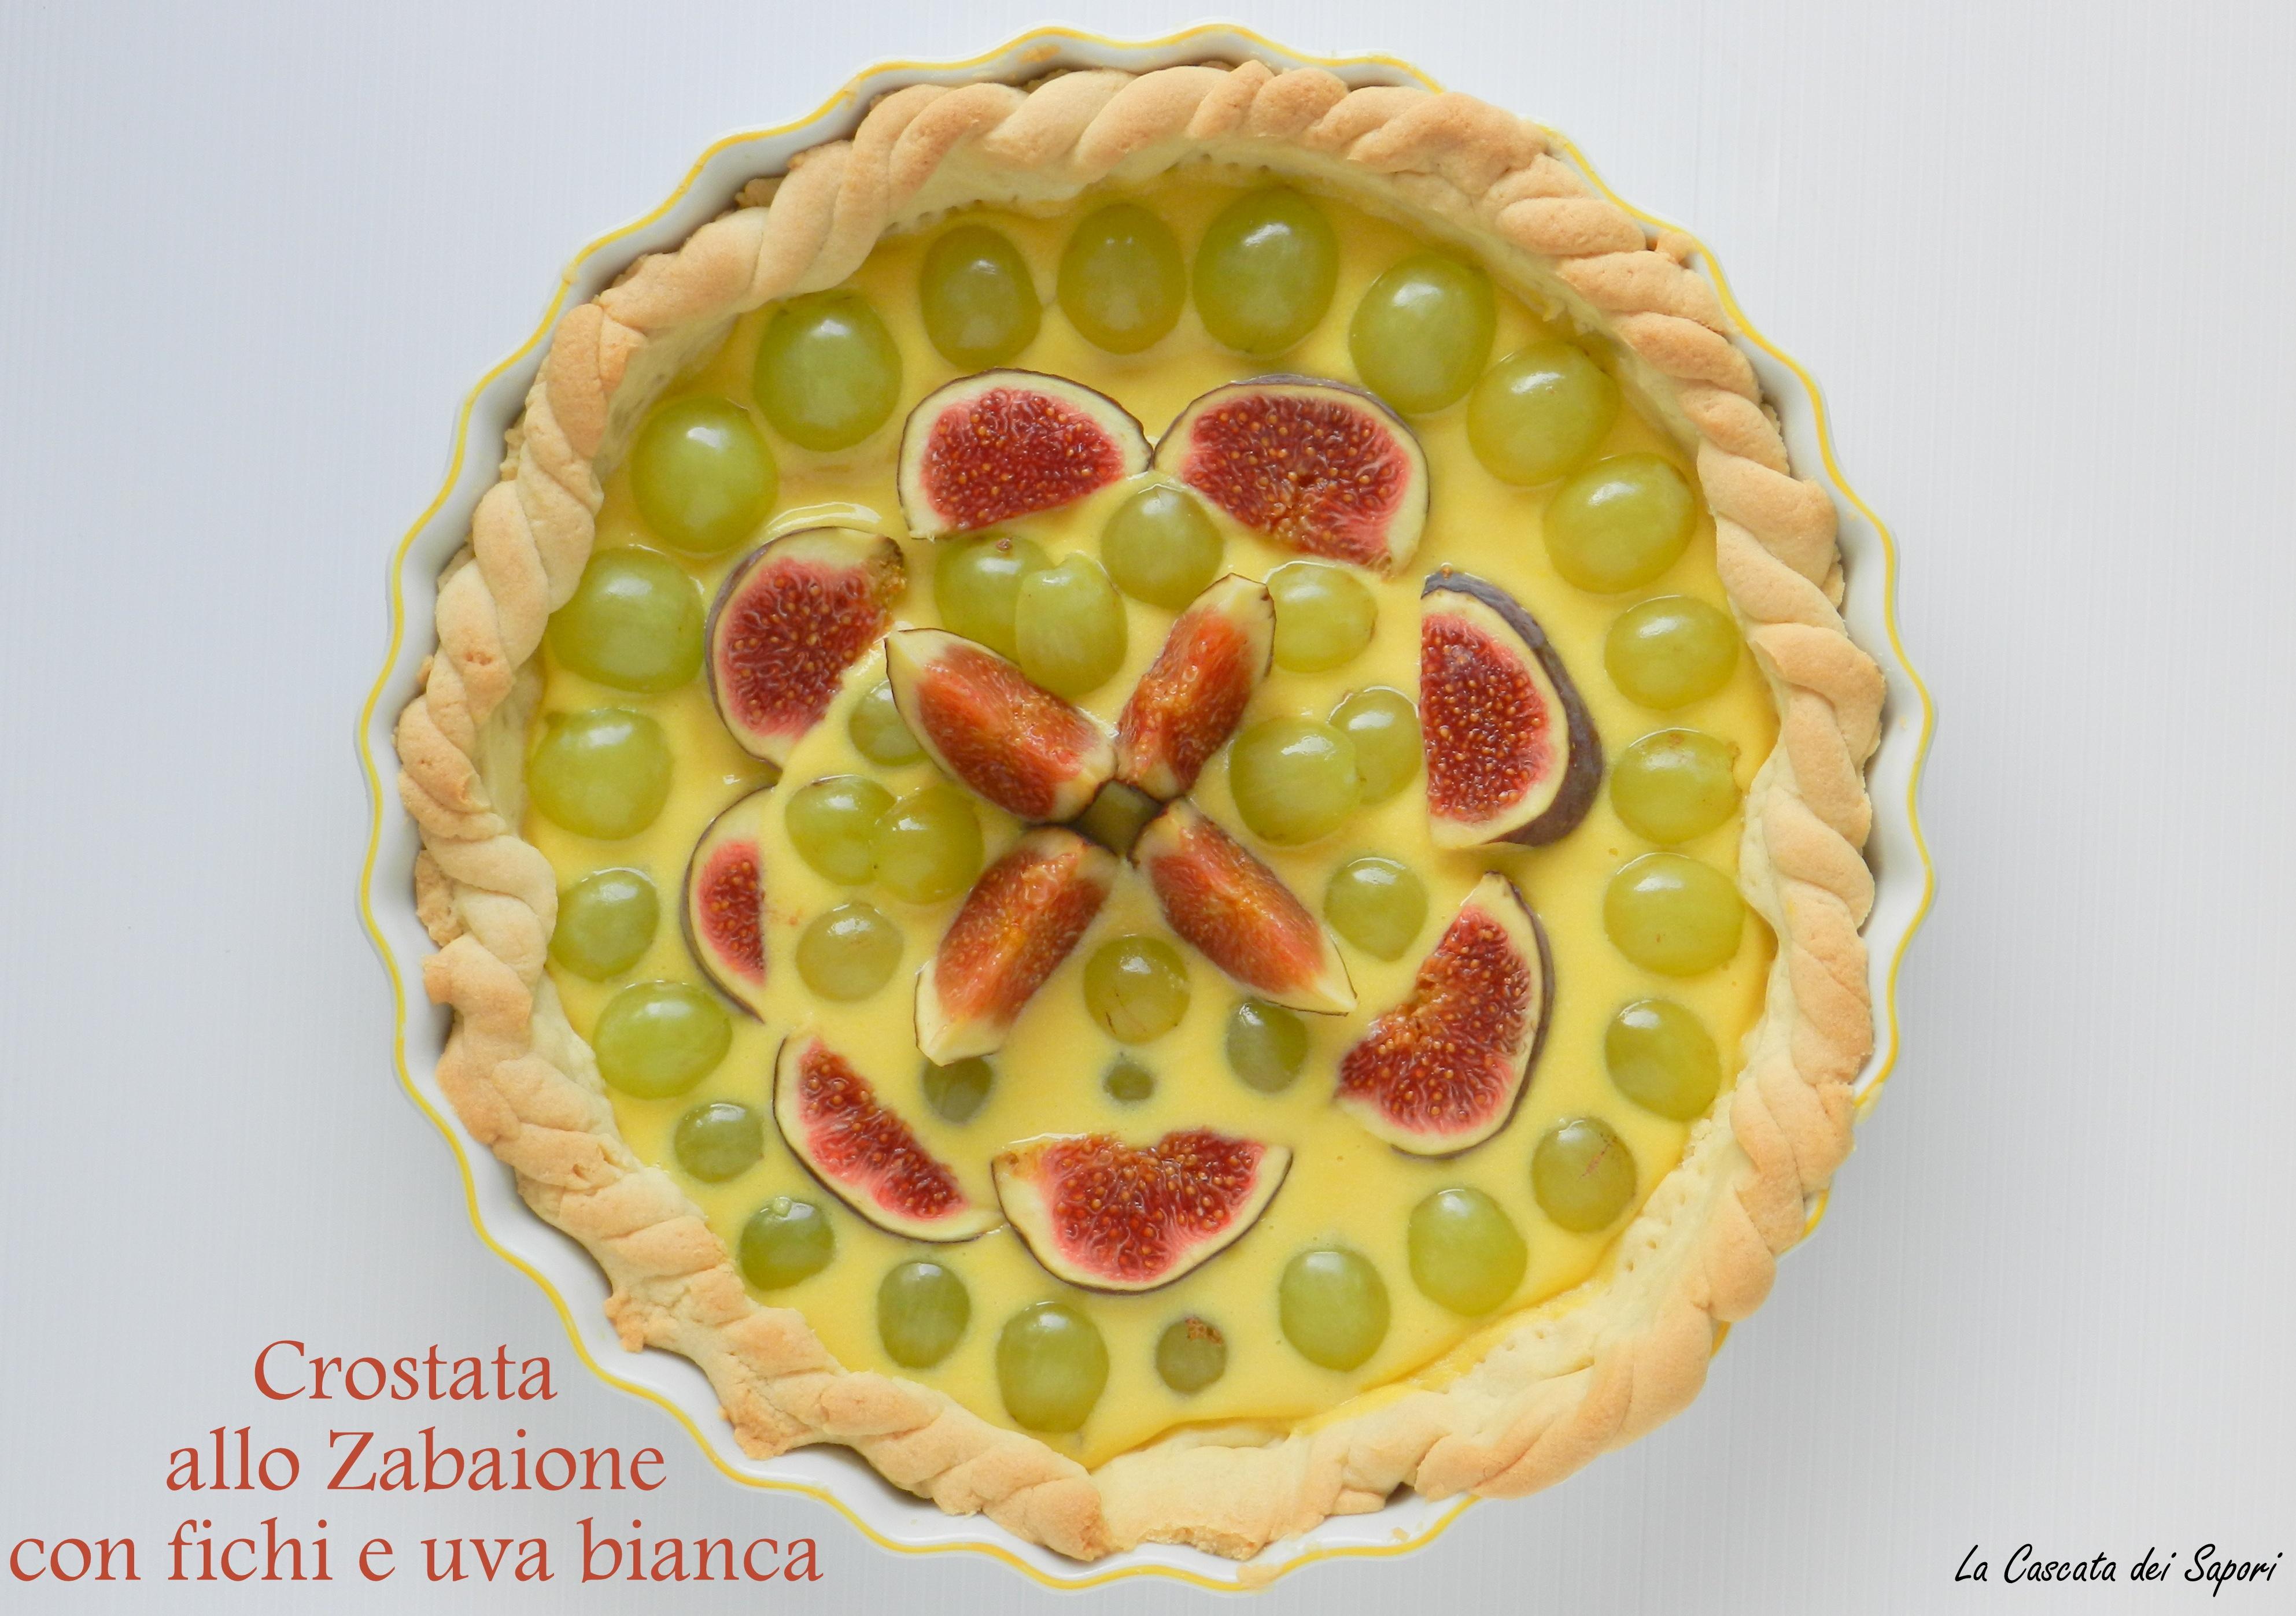 Crostata allo zabaione con fichi neri e uva bianca